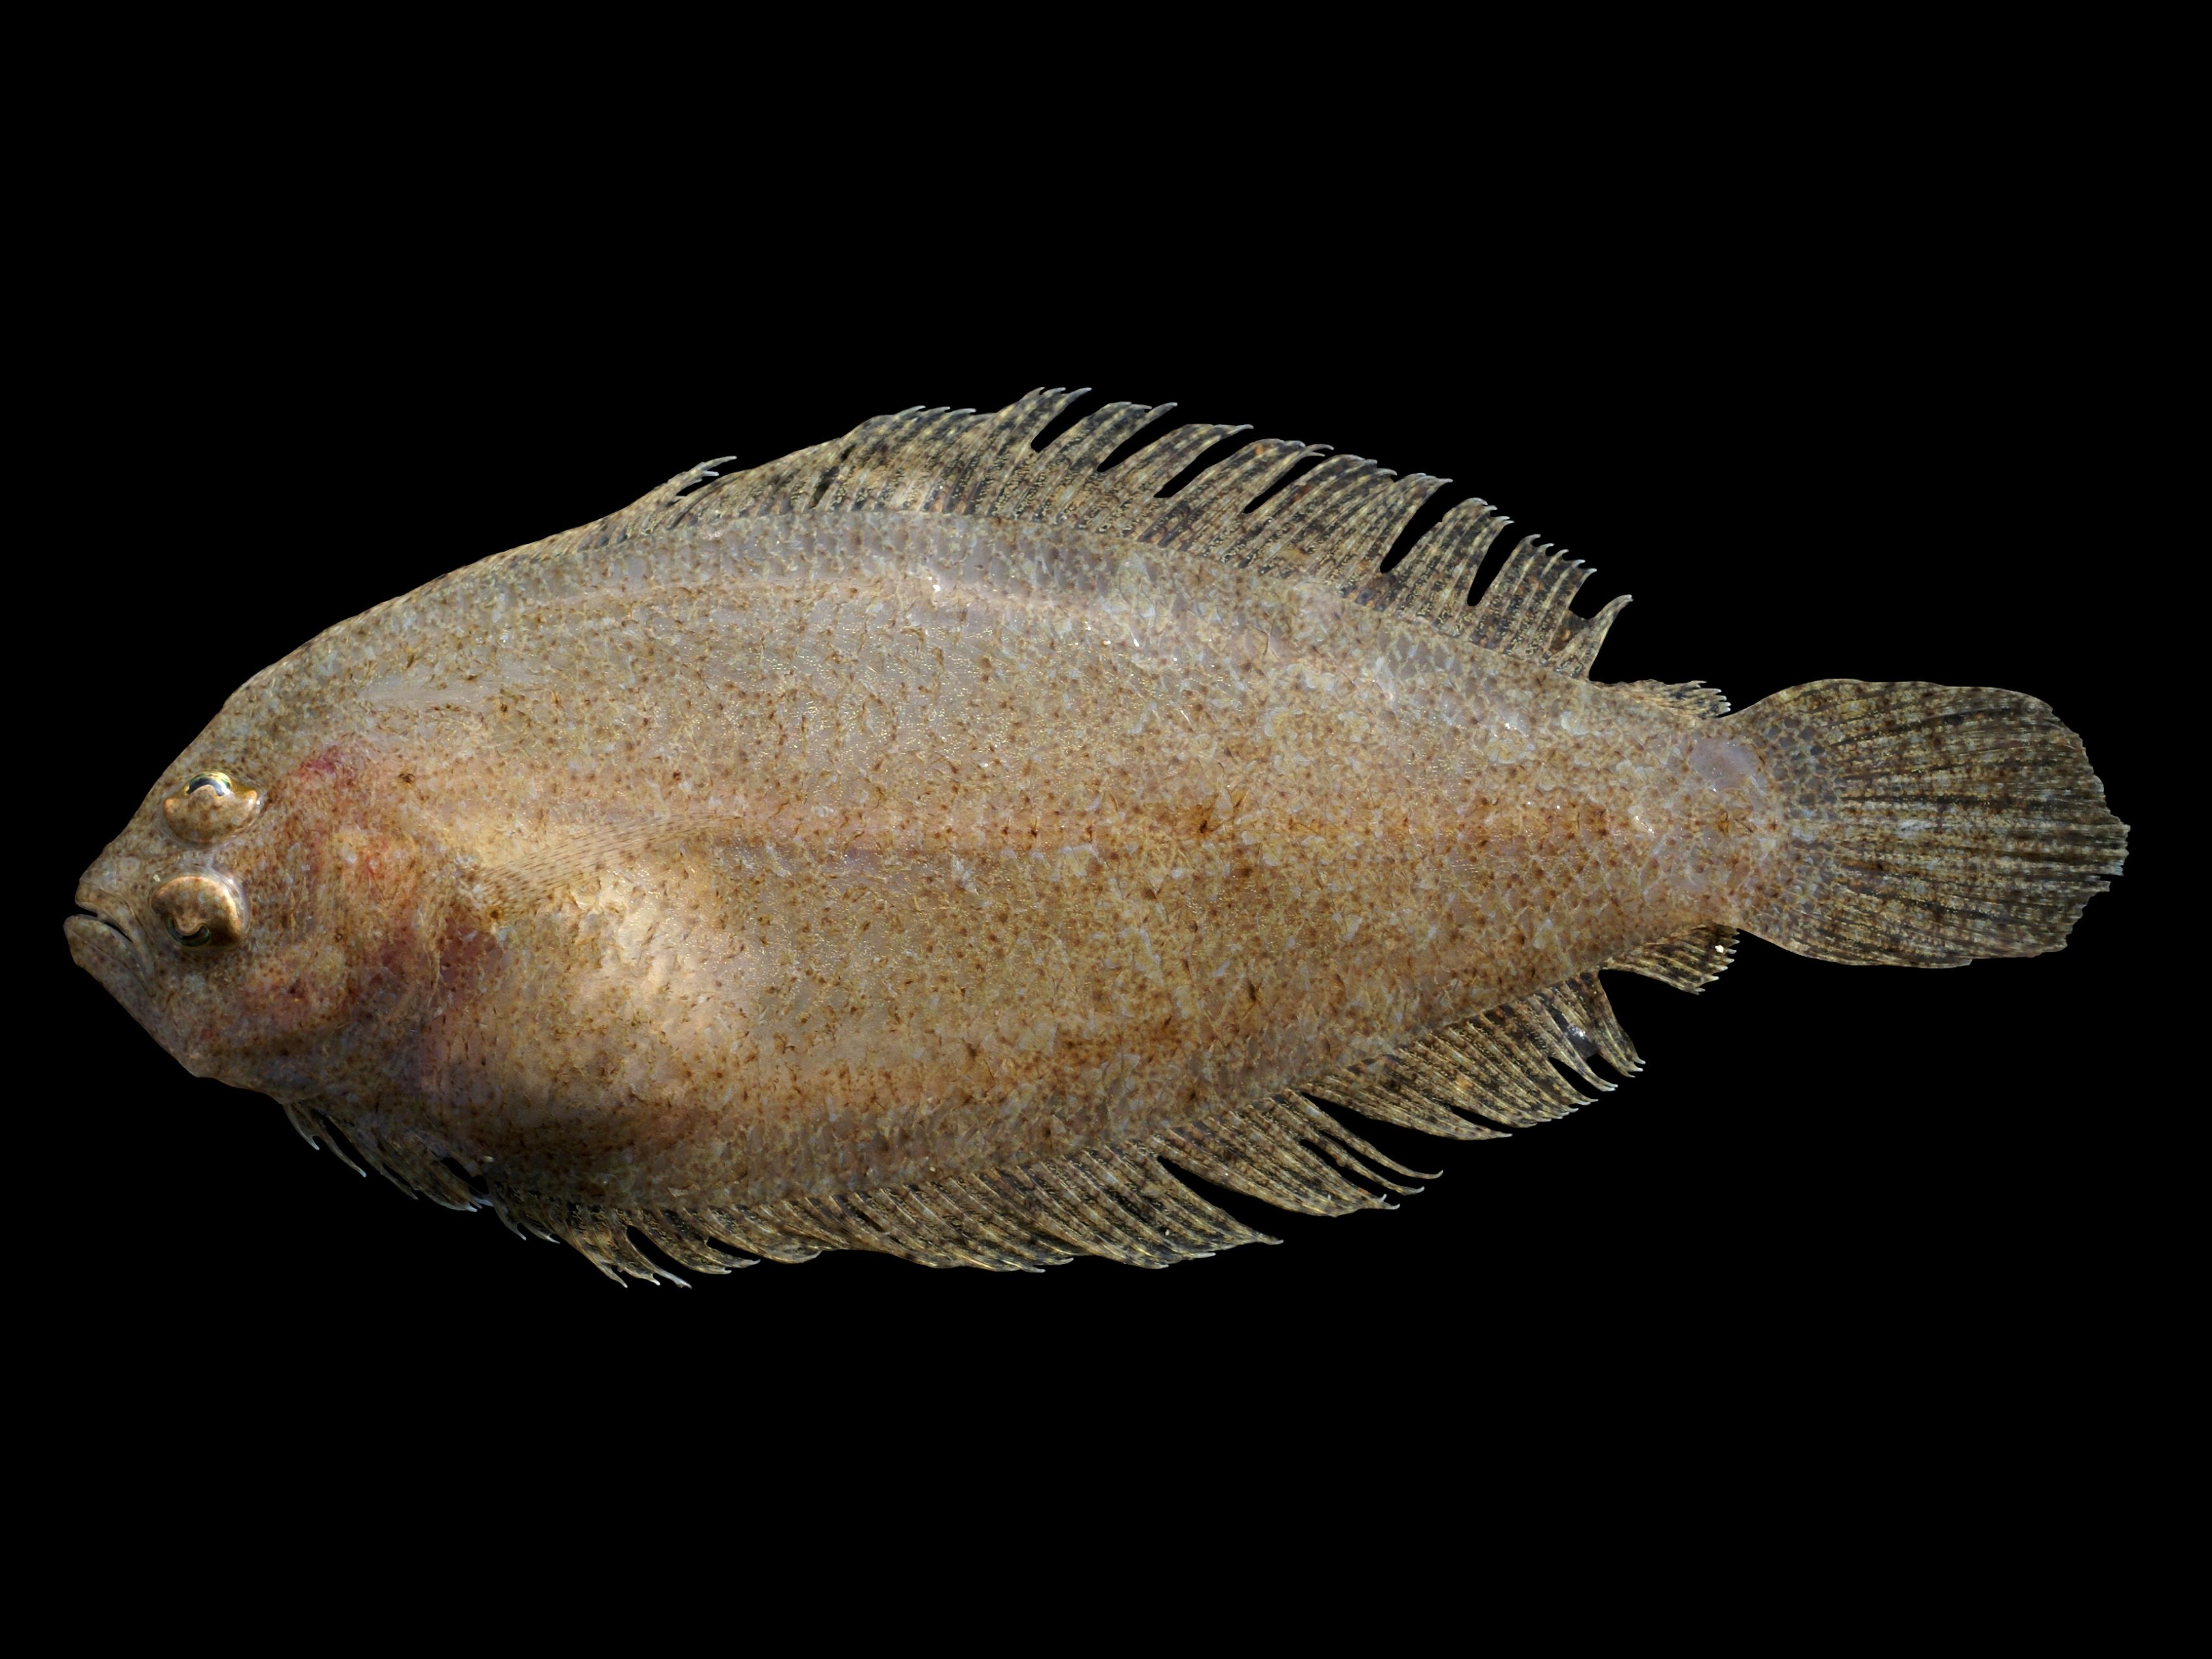 Lefteye flounder wallpaper